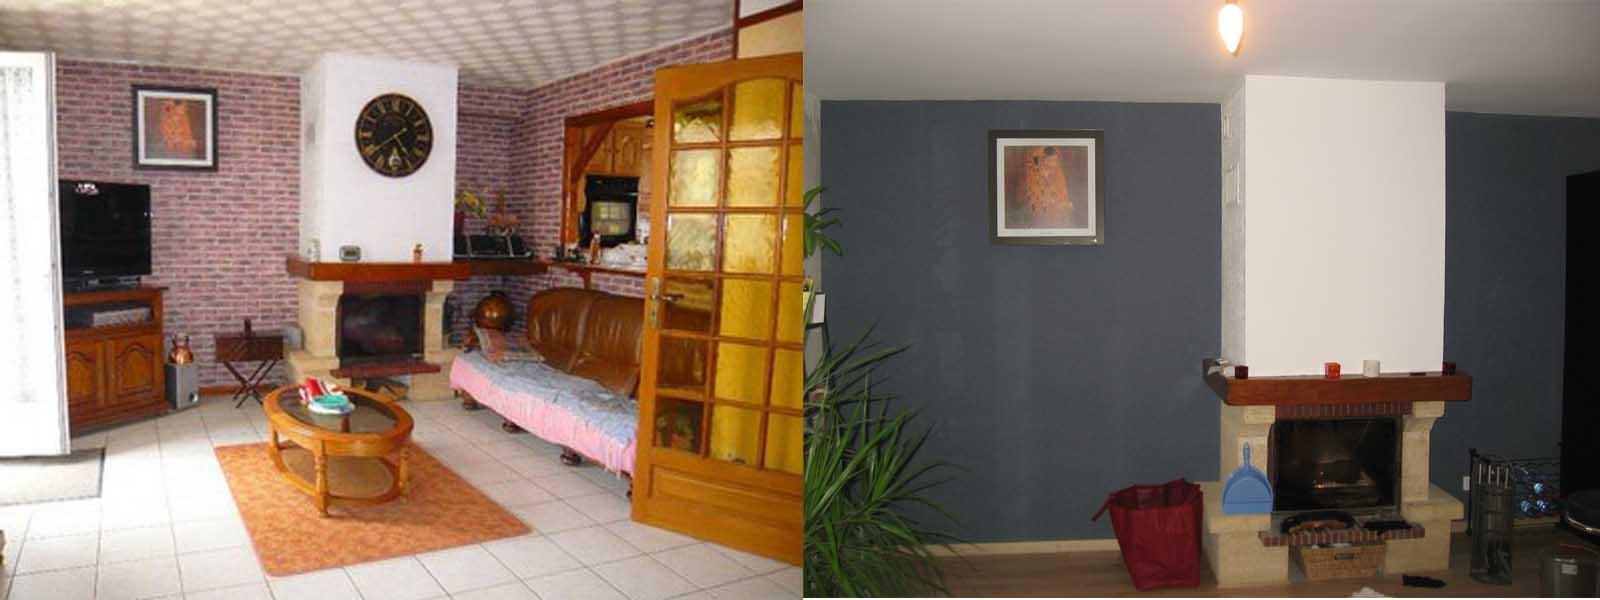 la maison aux volets verts cheminee avant apres. Black Bedroom Furniture Sets. Home Design Ideas